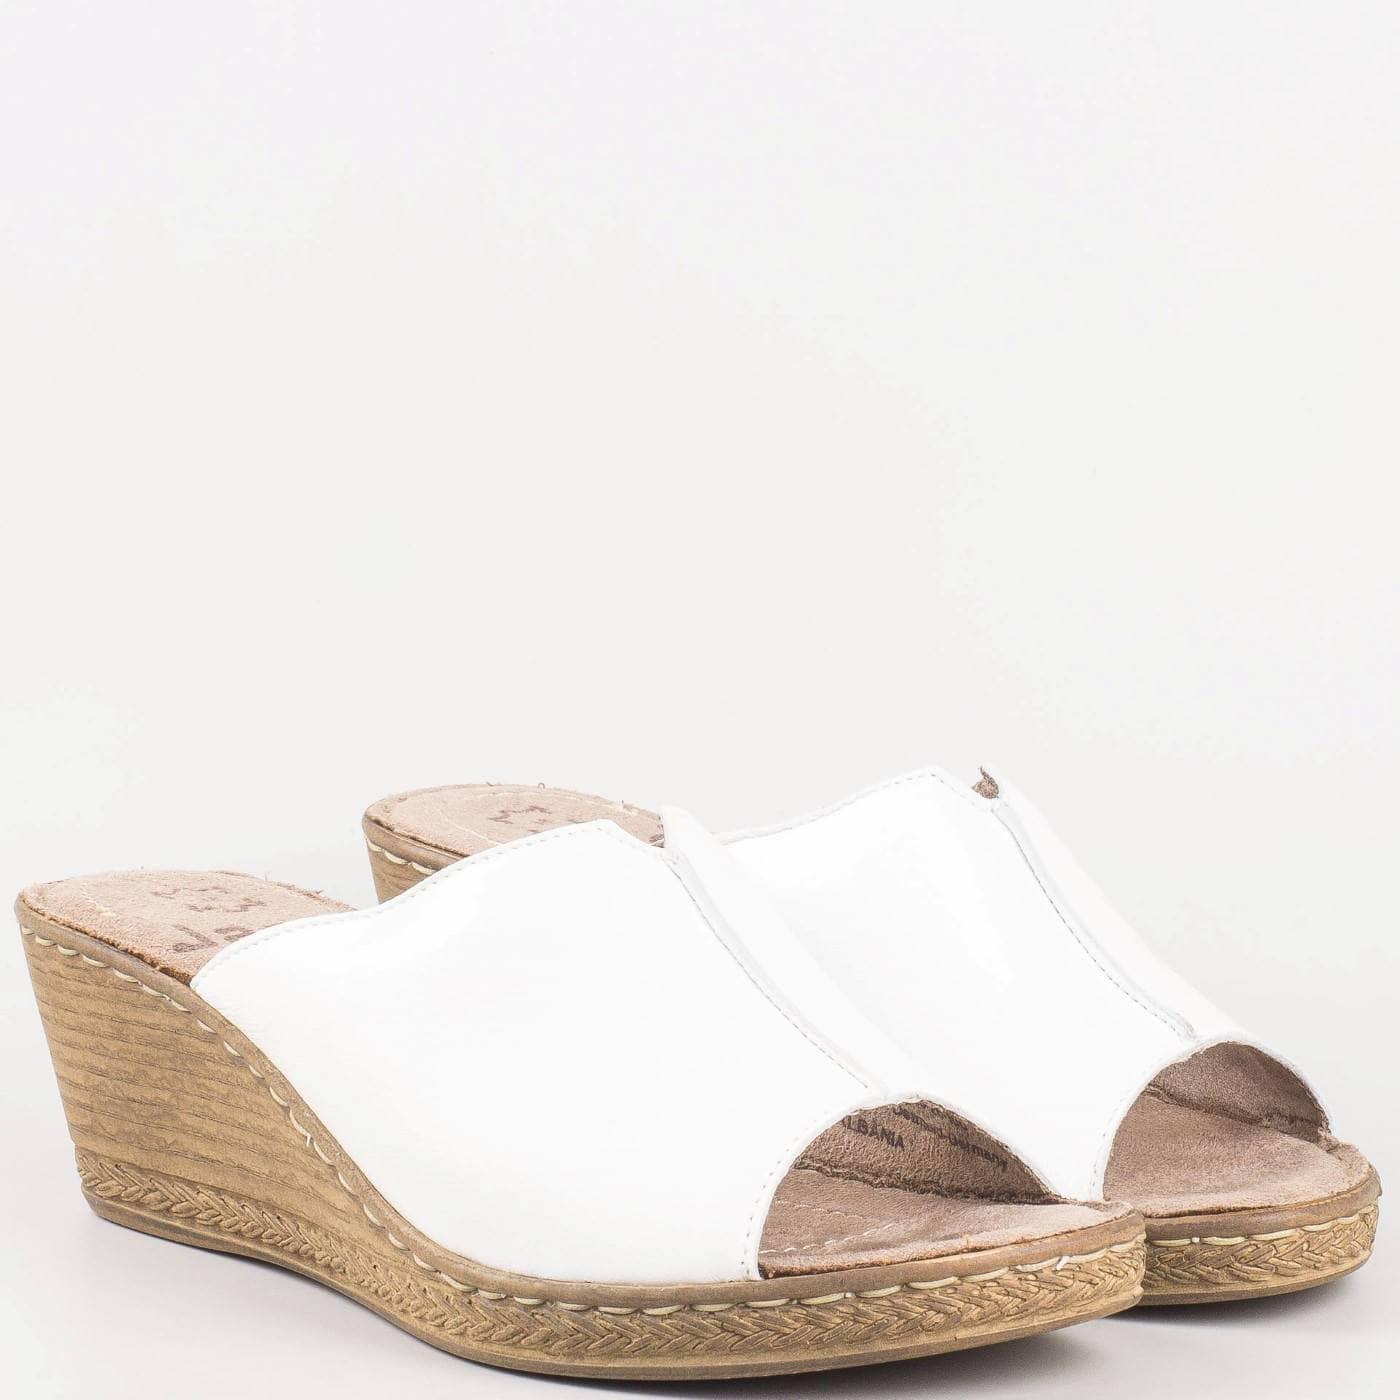 ee36b2879f0 Дамски чехли на платформа от бяла естествена кожа, производител Jana  827210b - Sisi-bg.com